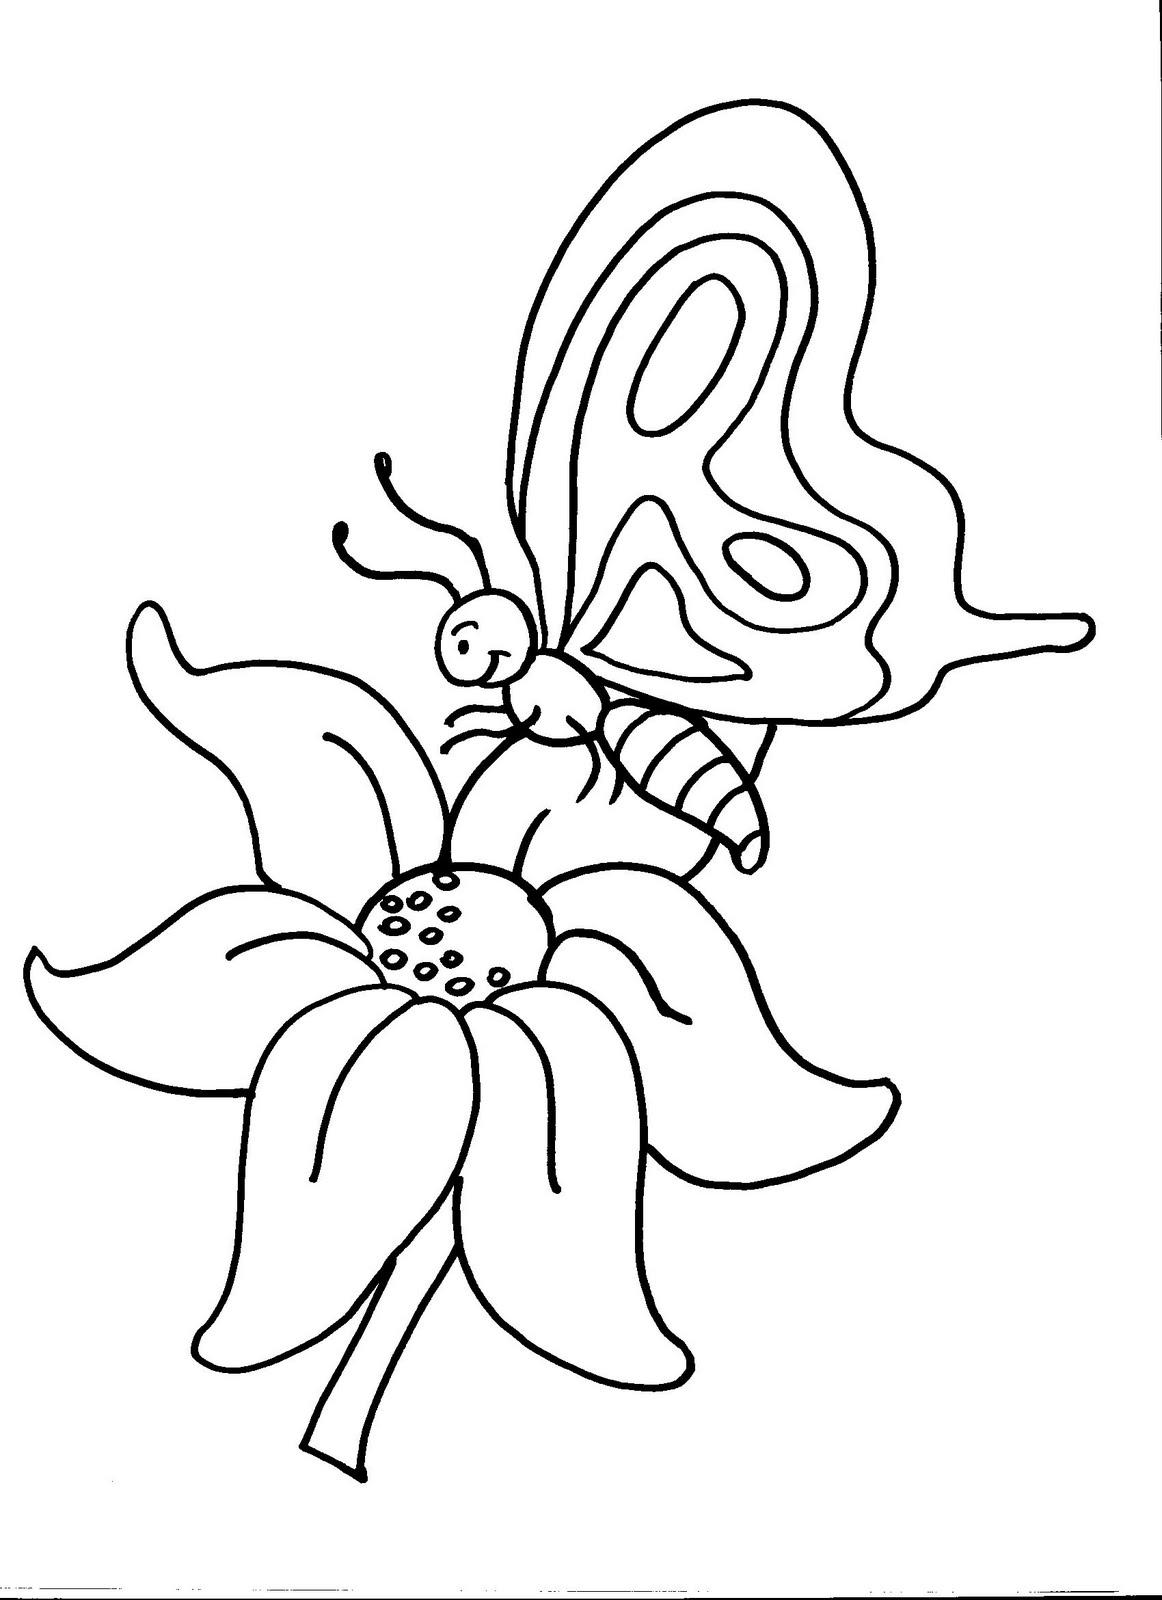 DA COLORARE Disegni Per Bambini Da Colorare Disegni E Immagini  #666666 1162 1600 Julian Bowen   Tavolo Da Pranzo Rettangolare In Legno Di Quercia Coxmoor